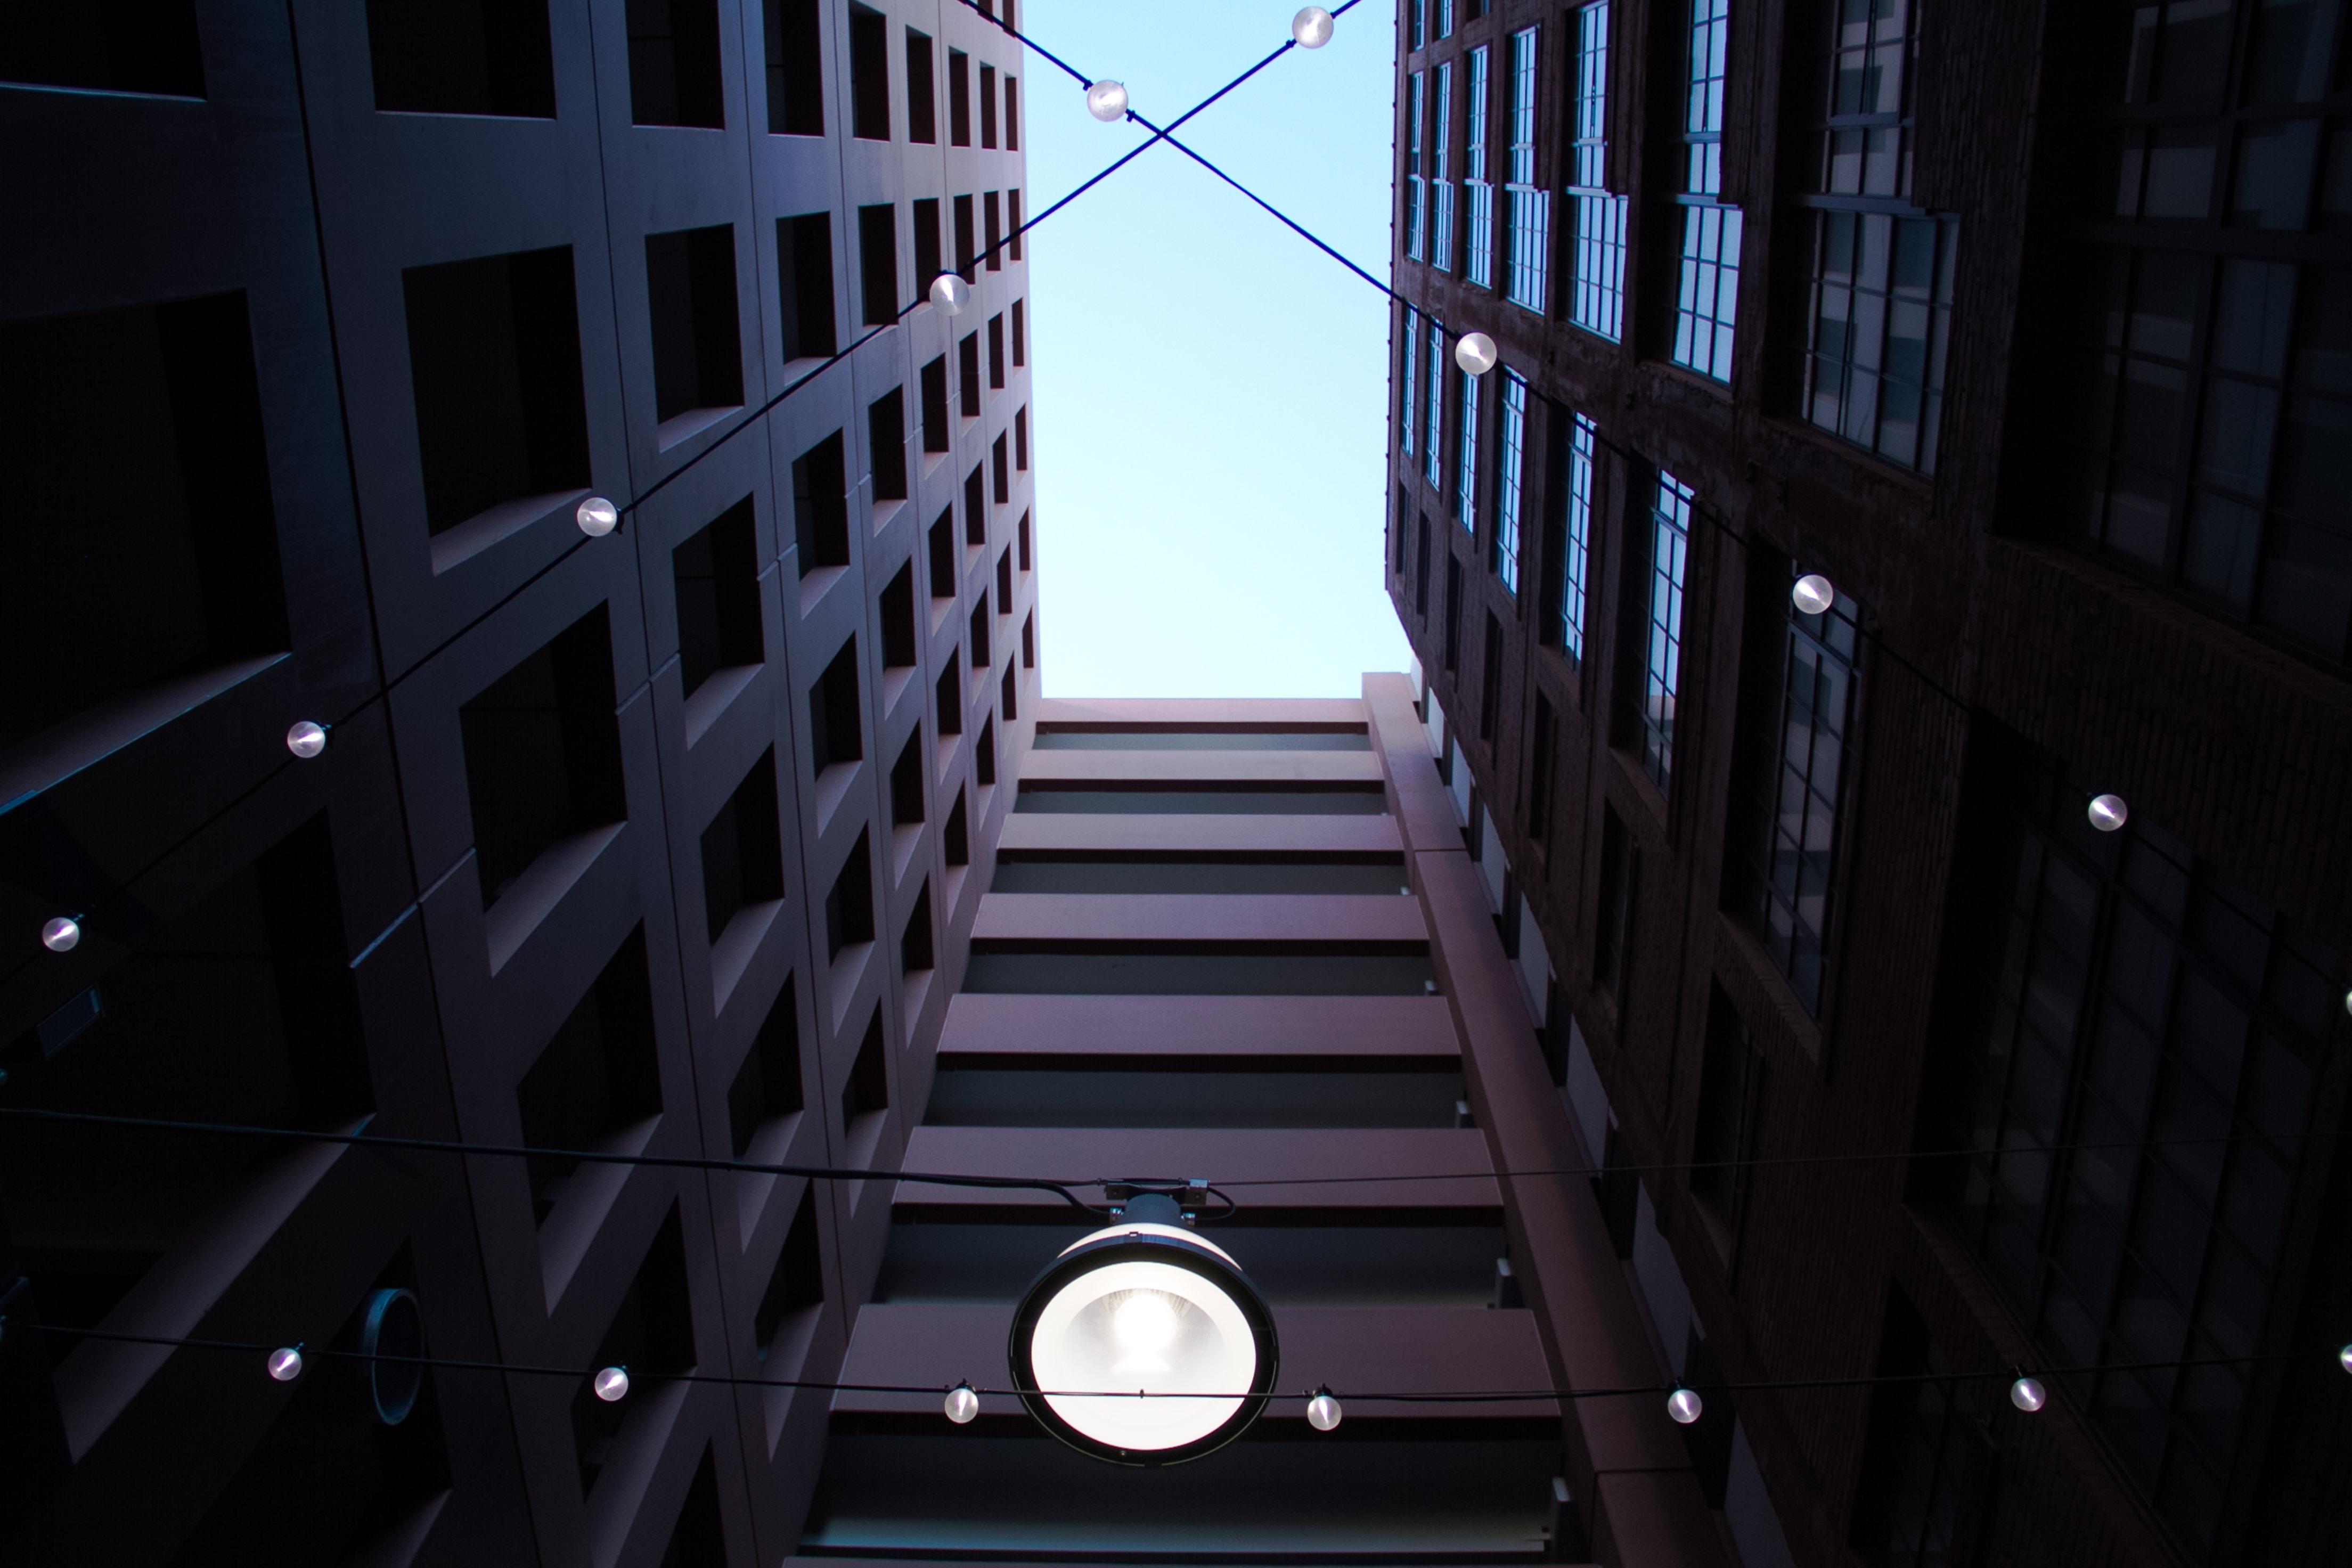 An upward photograph of an urban building and lights